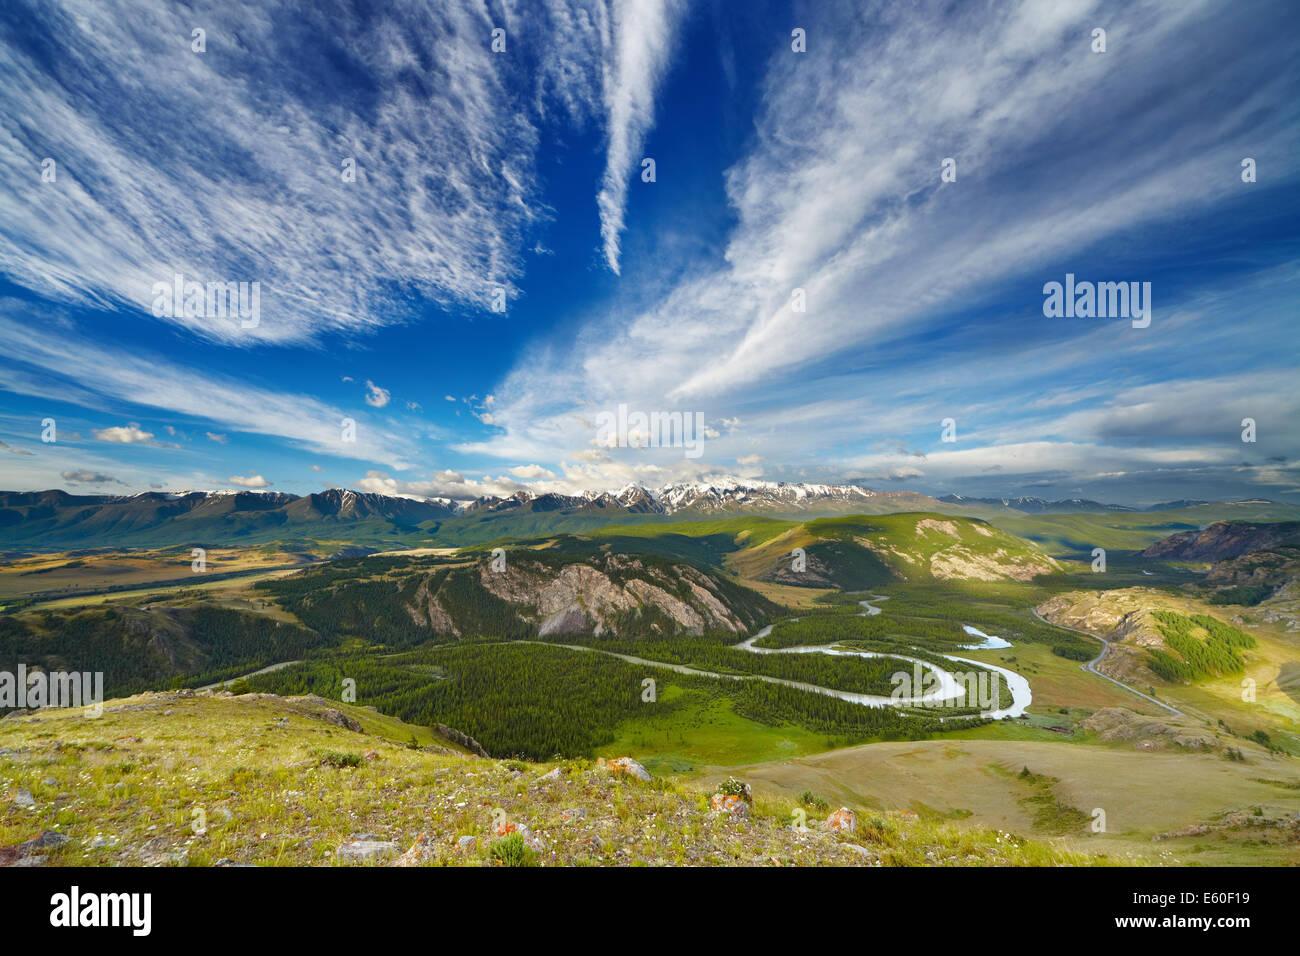 Paysage de montagne avec fleuve et sommets enneigés Photo Stock